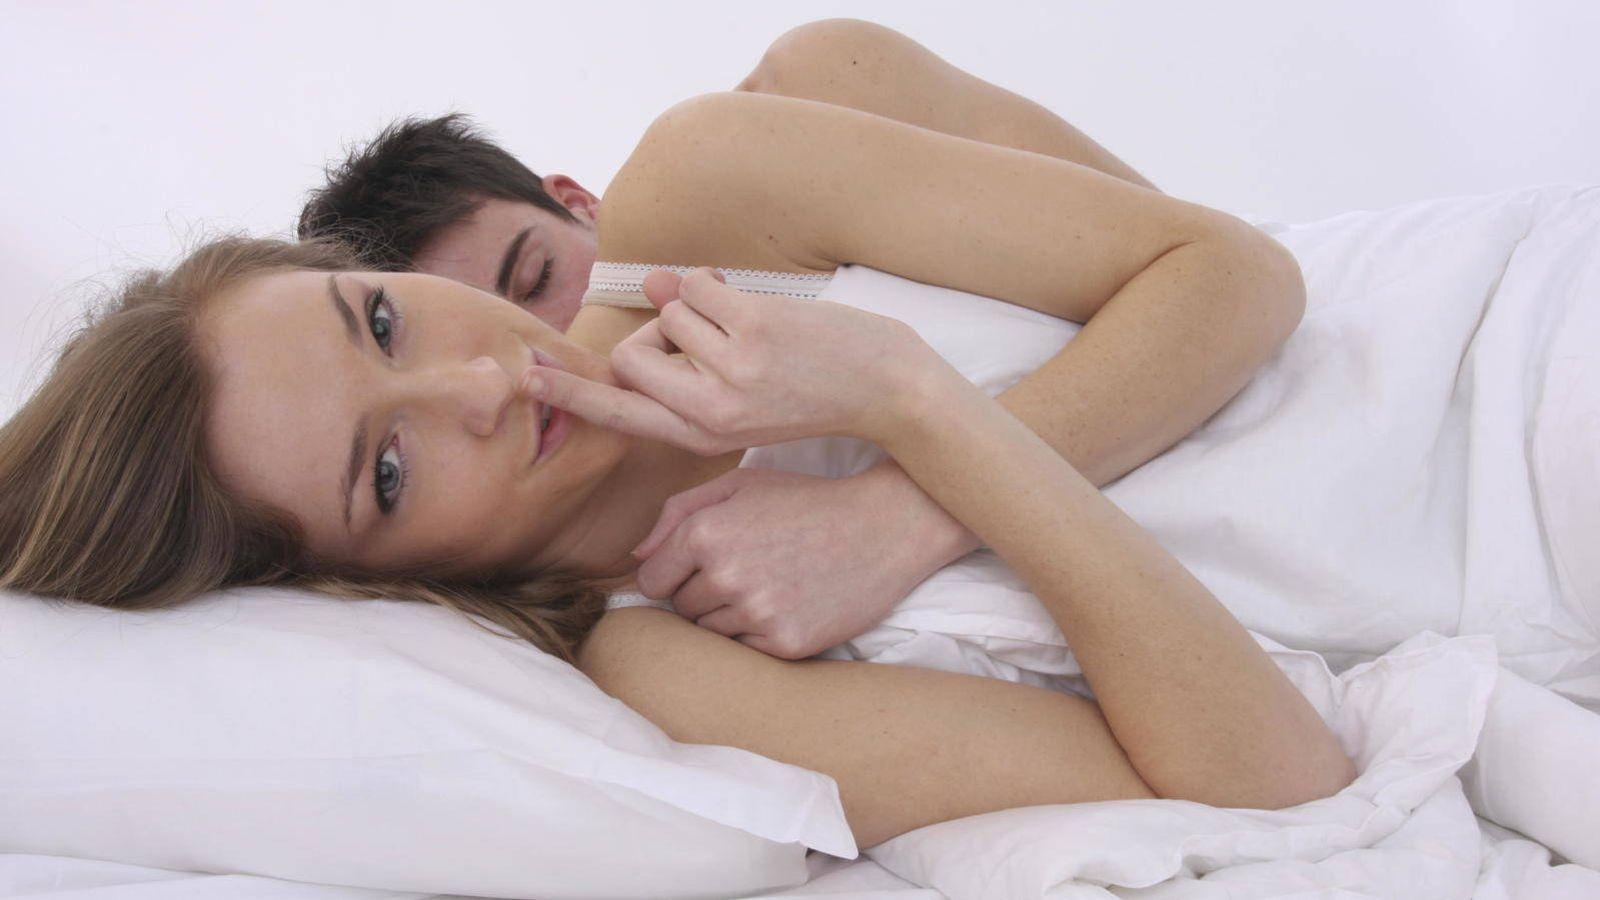 medios de comunicación social sala de masaje sexo